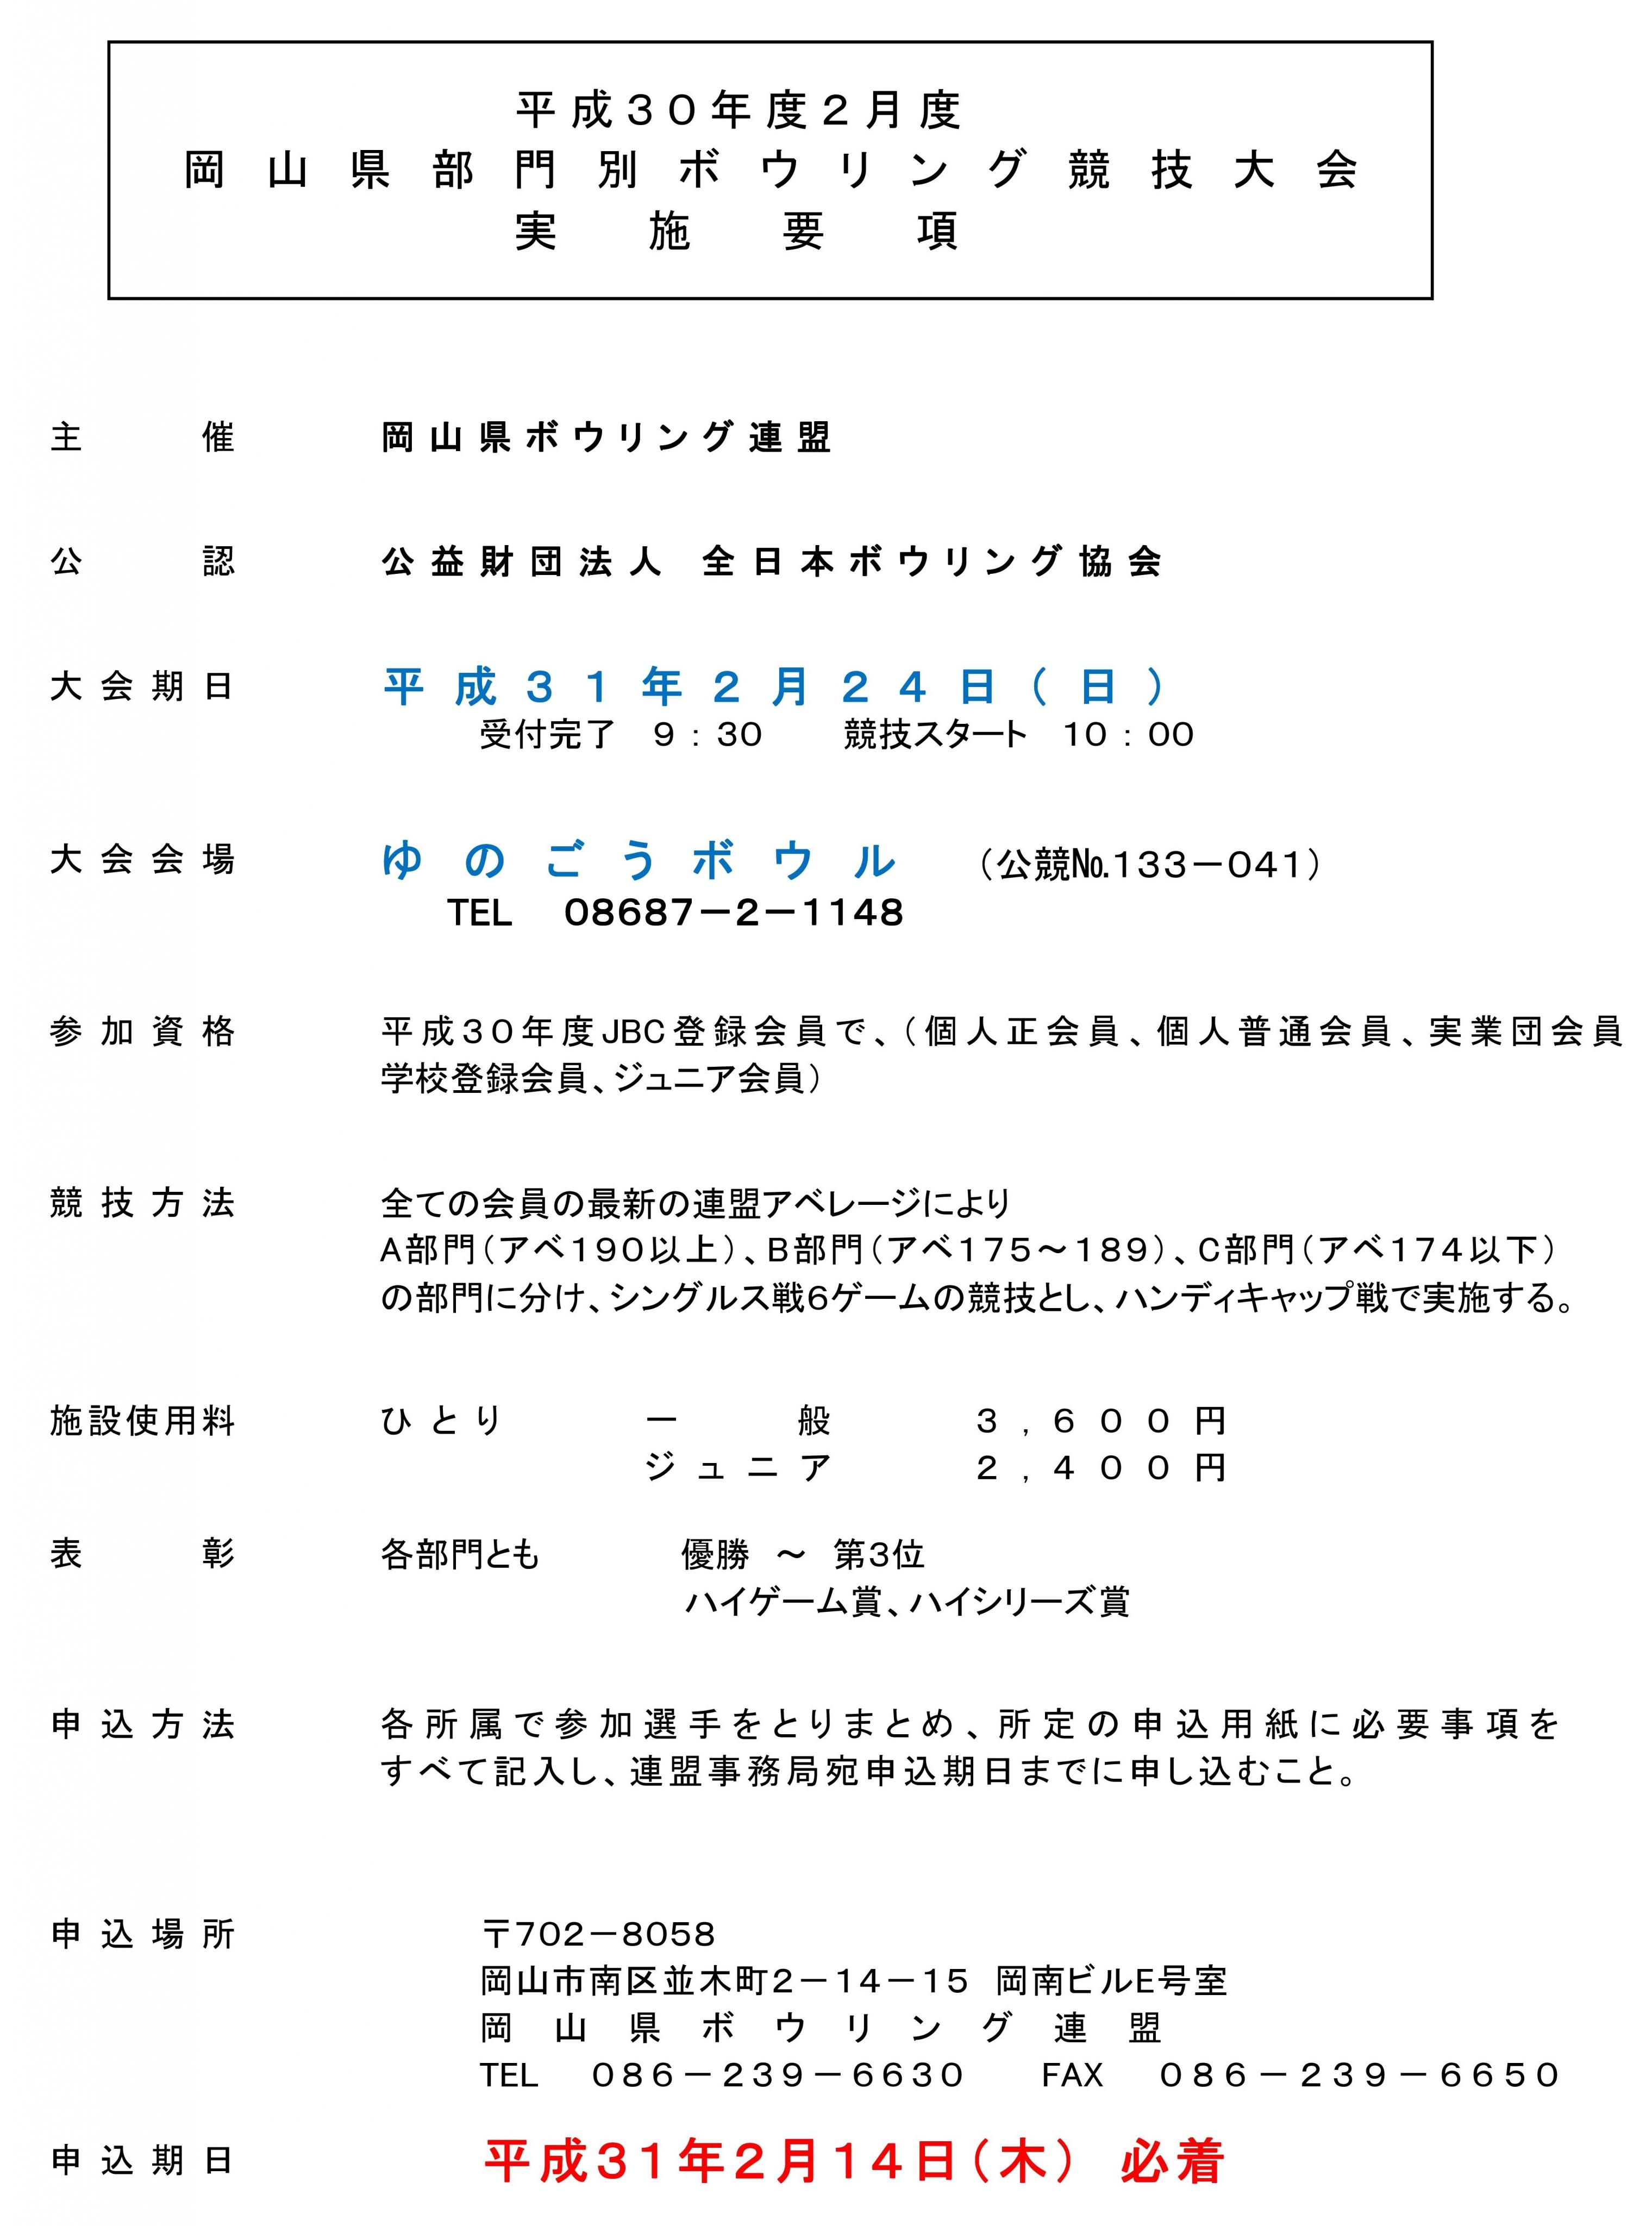 31.部門別2月.jpg